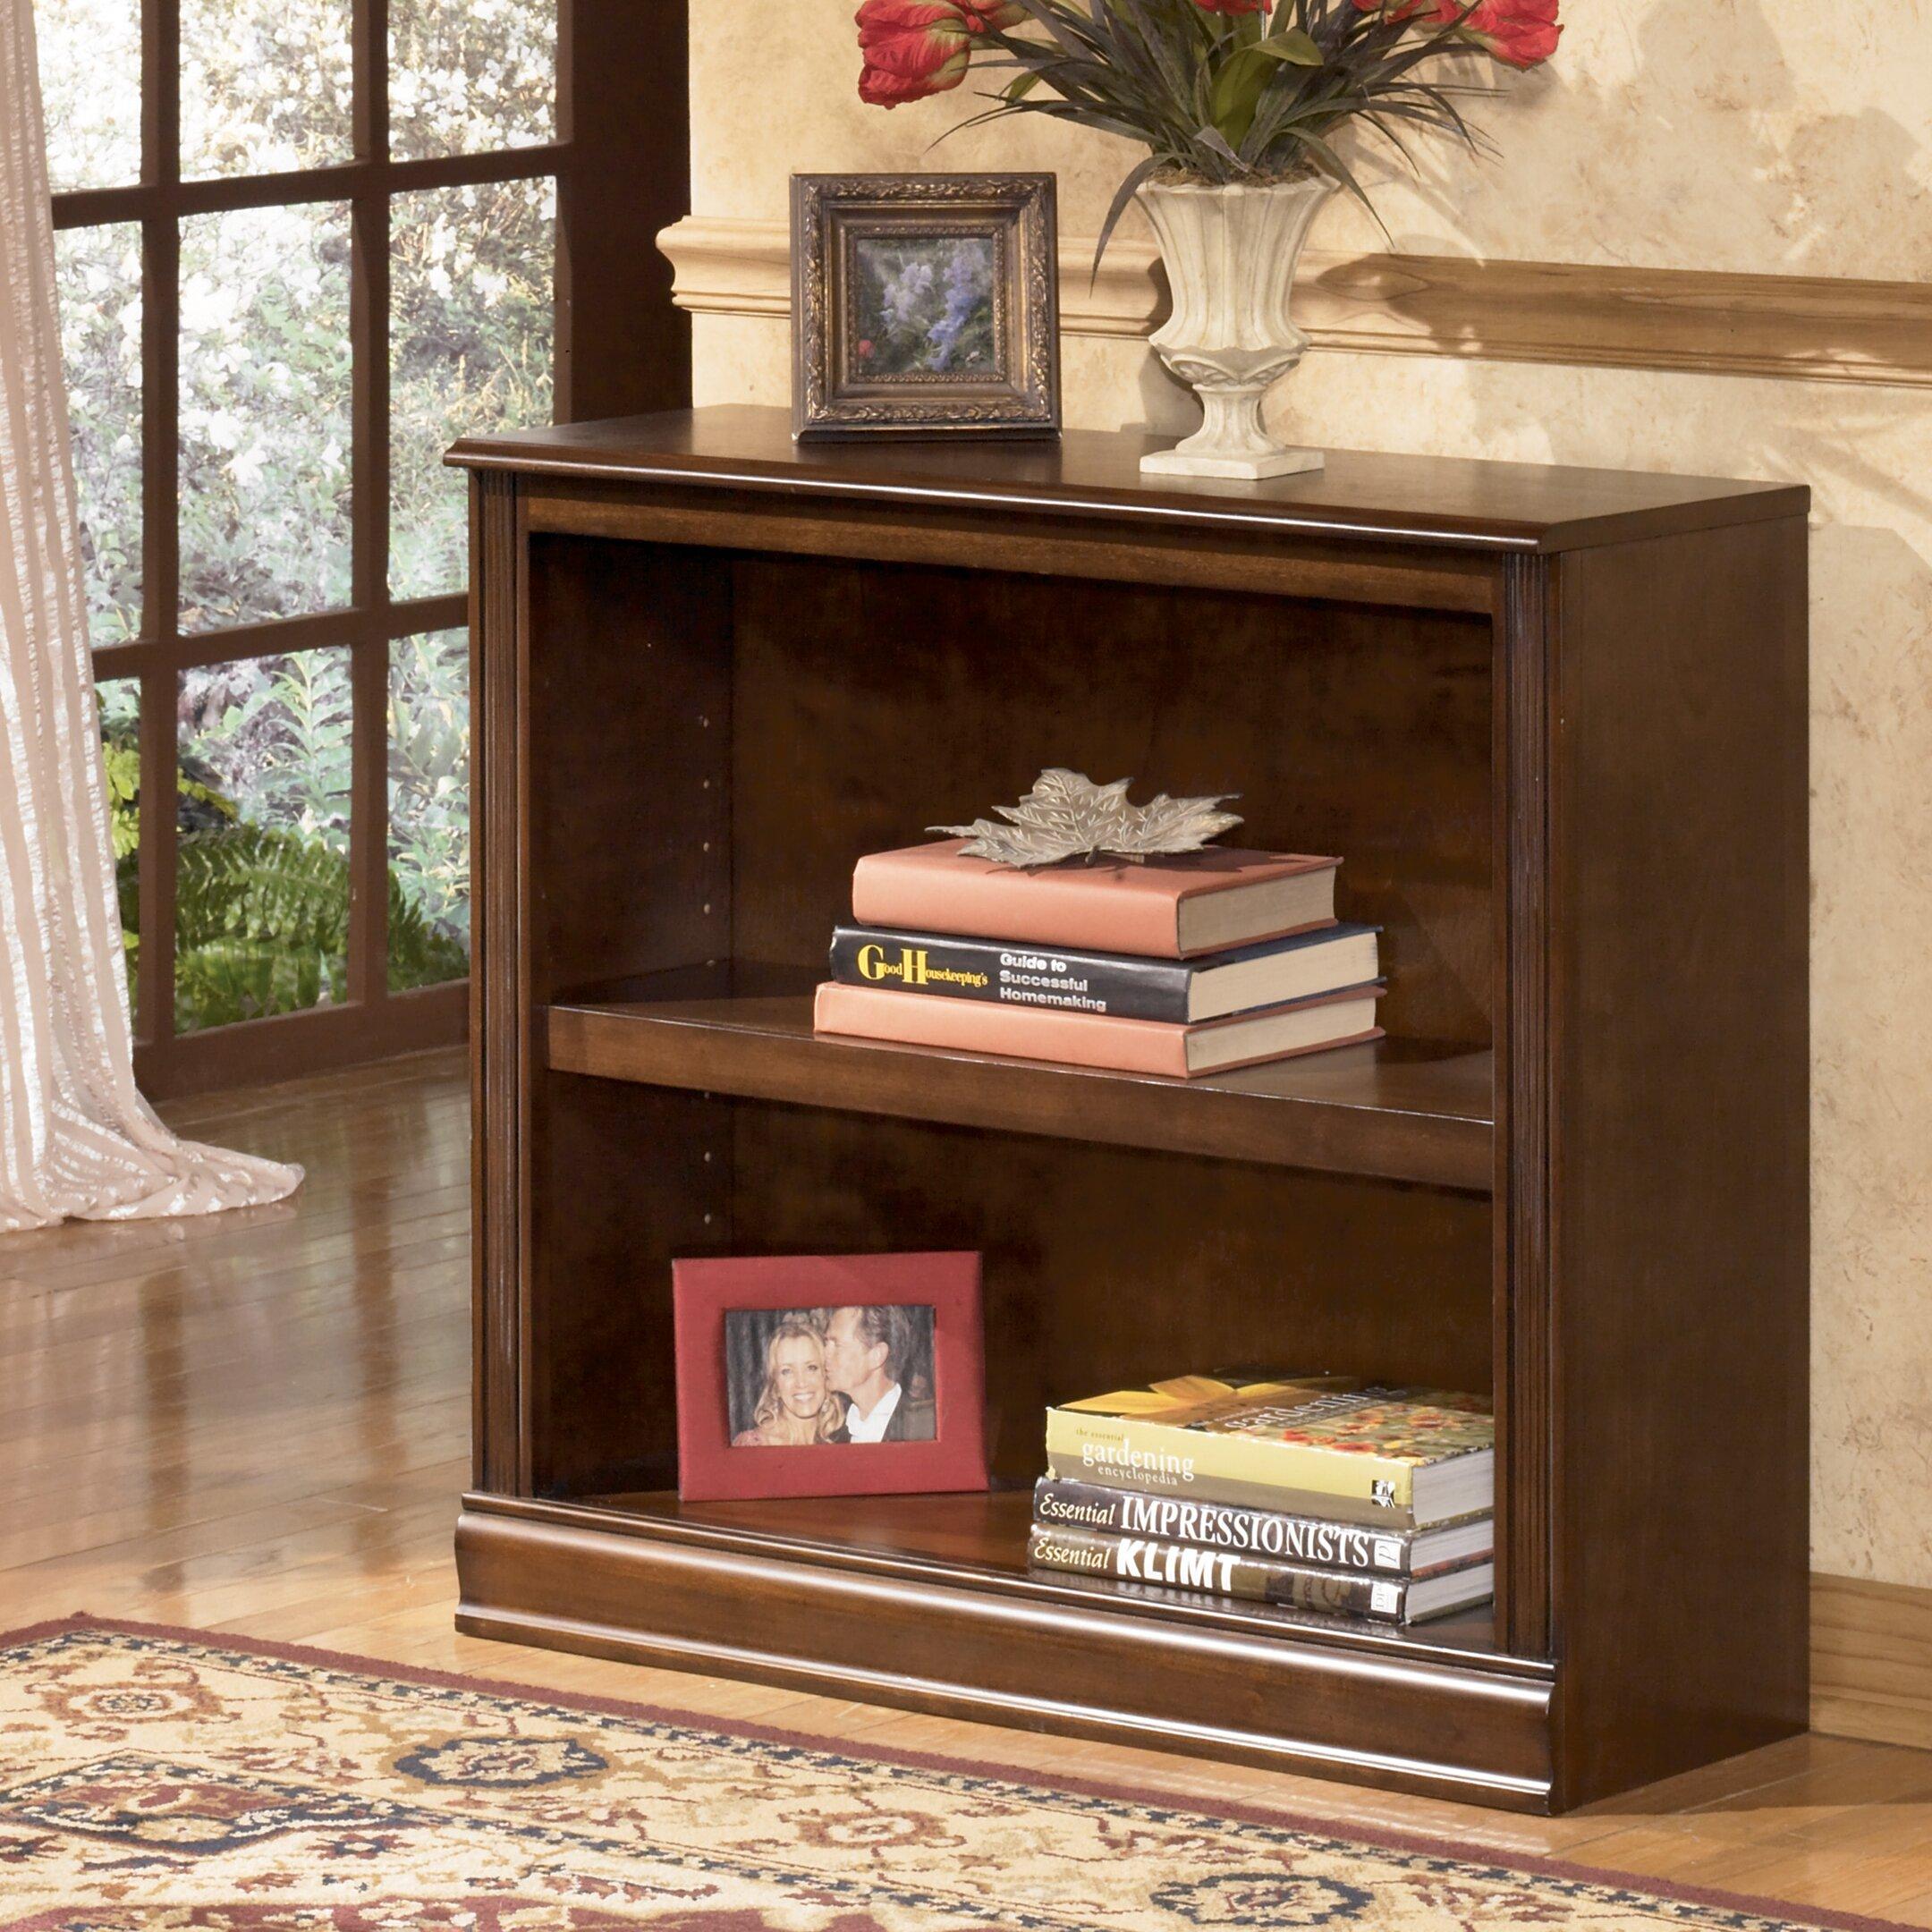 Комплект книжных стеллажей ashley furniture h527-15-16-17.